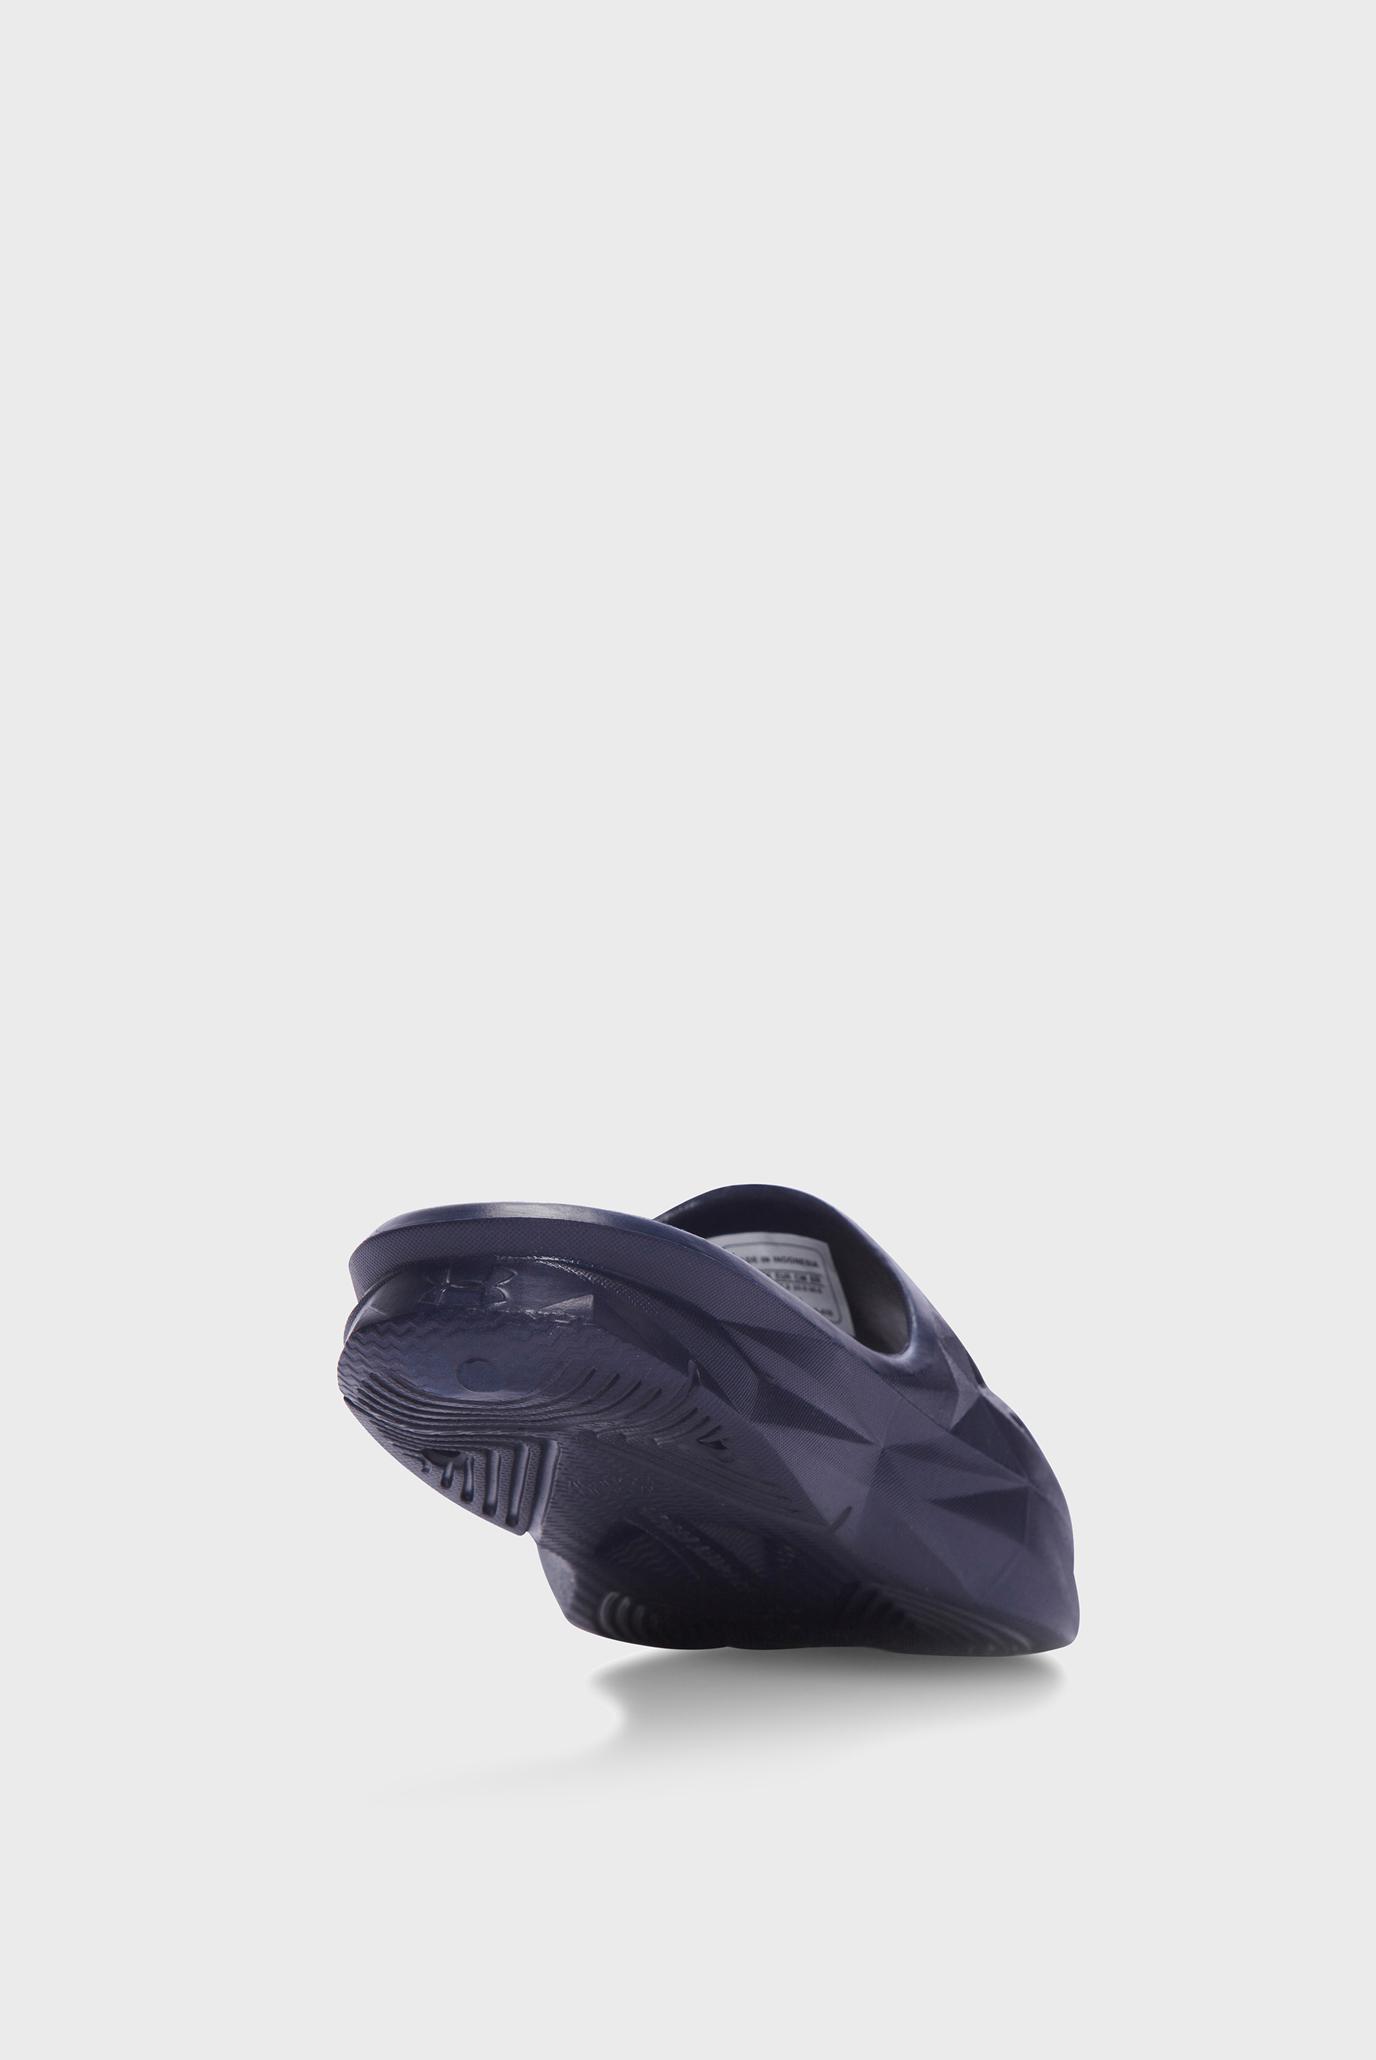 Купить Детские синие слайдеры UA B Locker III SL Under Armour Under Armour 1287326-410 – Киев, Украина. Цены в интернет магазине MD Fashion